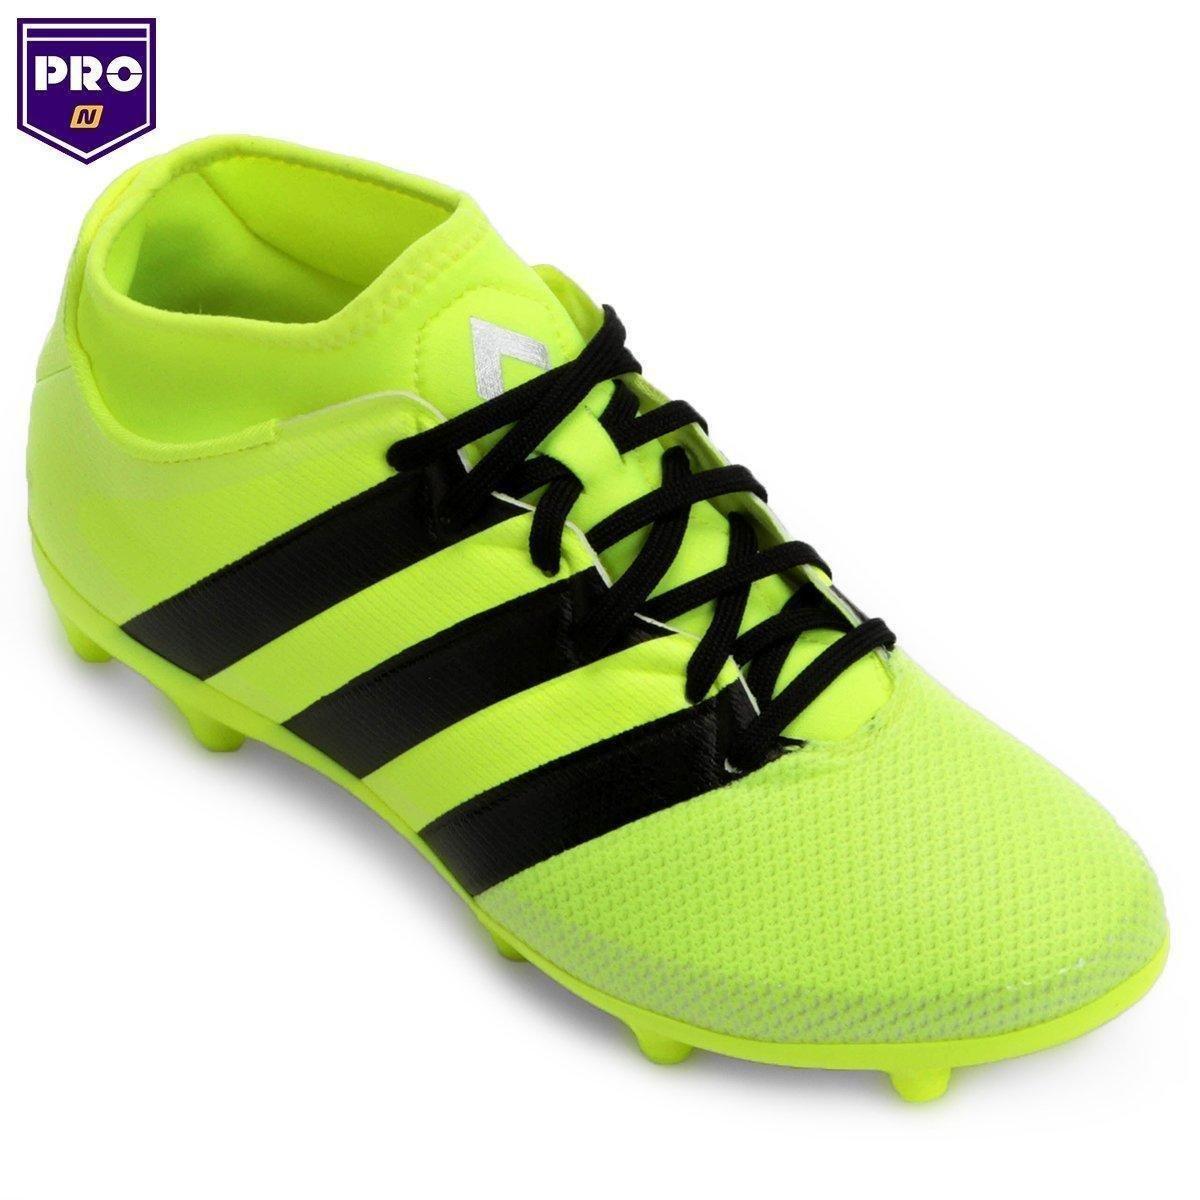 c8418e217a Chuteira Adidas Ace 16.3 Primemesh FG Campo - Compre Agora